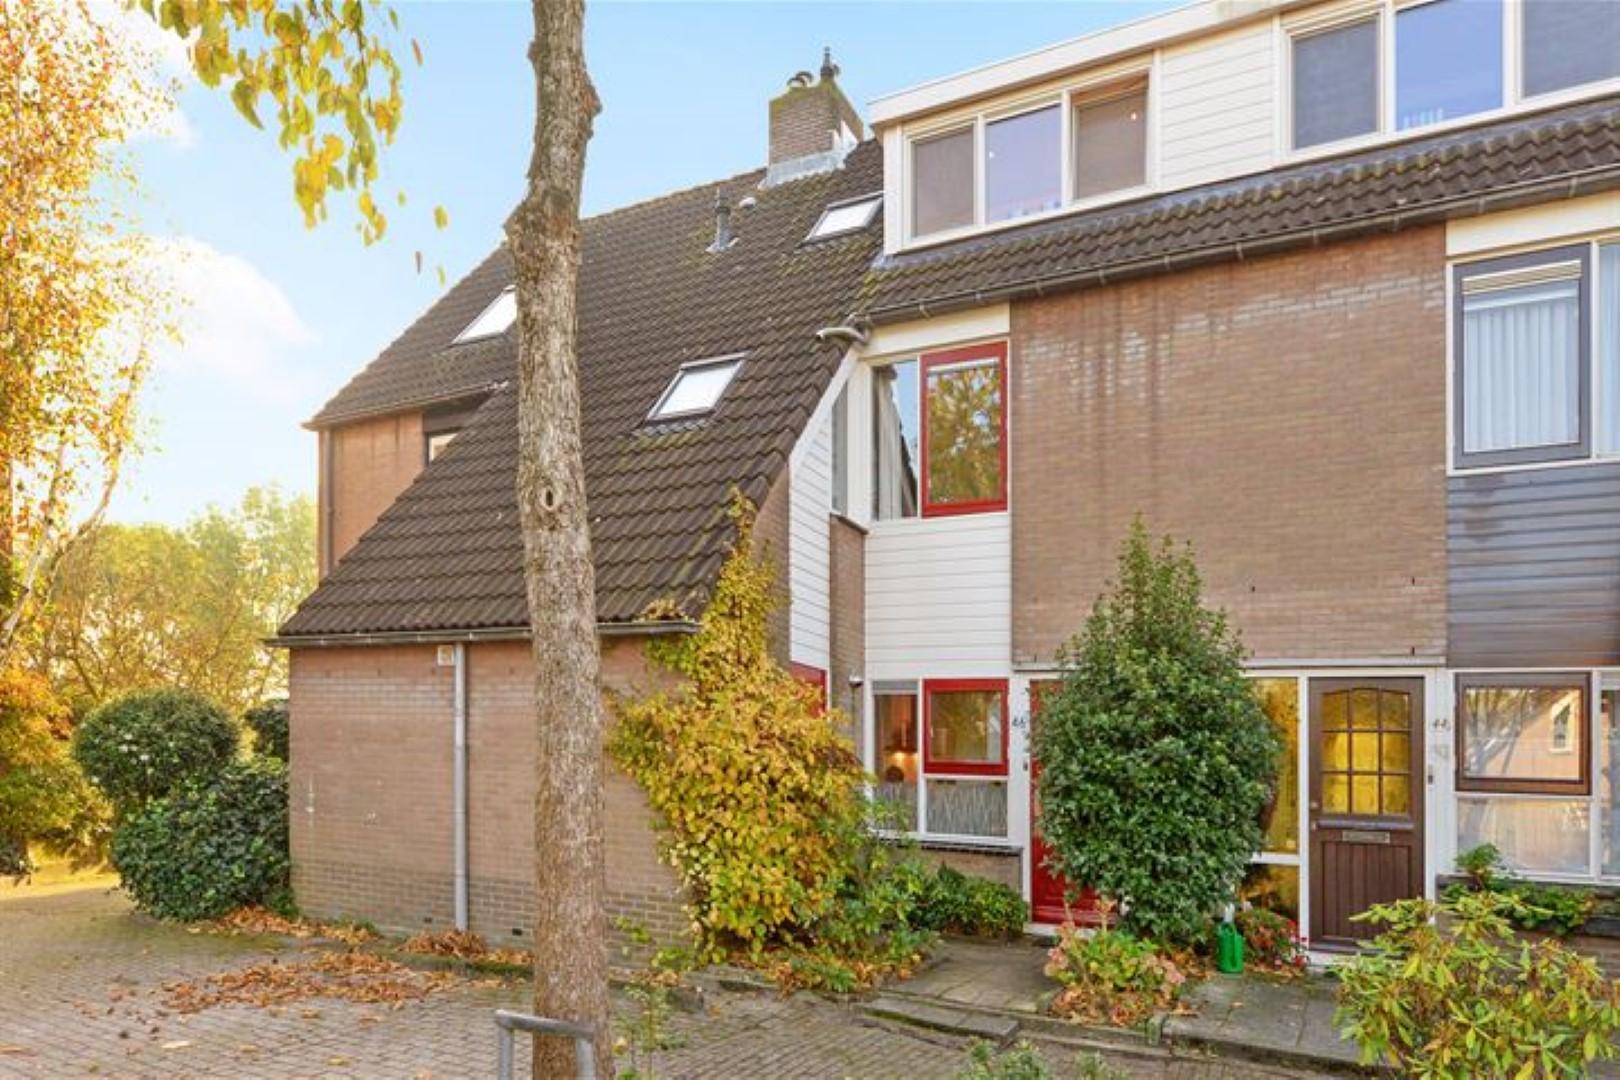 Schitterend gelegen 4 kamers-eengezinswoning met een riante achtertuin van 14 meter diep op het zuiden, welke grenst aan het Abtswoudsepark. De woning ligt aan een rustig woonerf in een kindvriendelijke wijk met veel voorzieningen op loopafstand in Delft